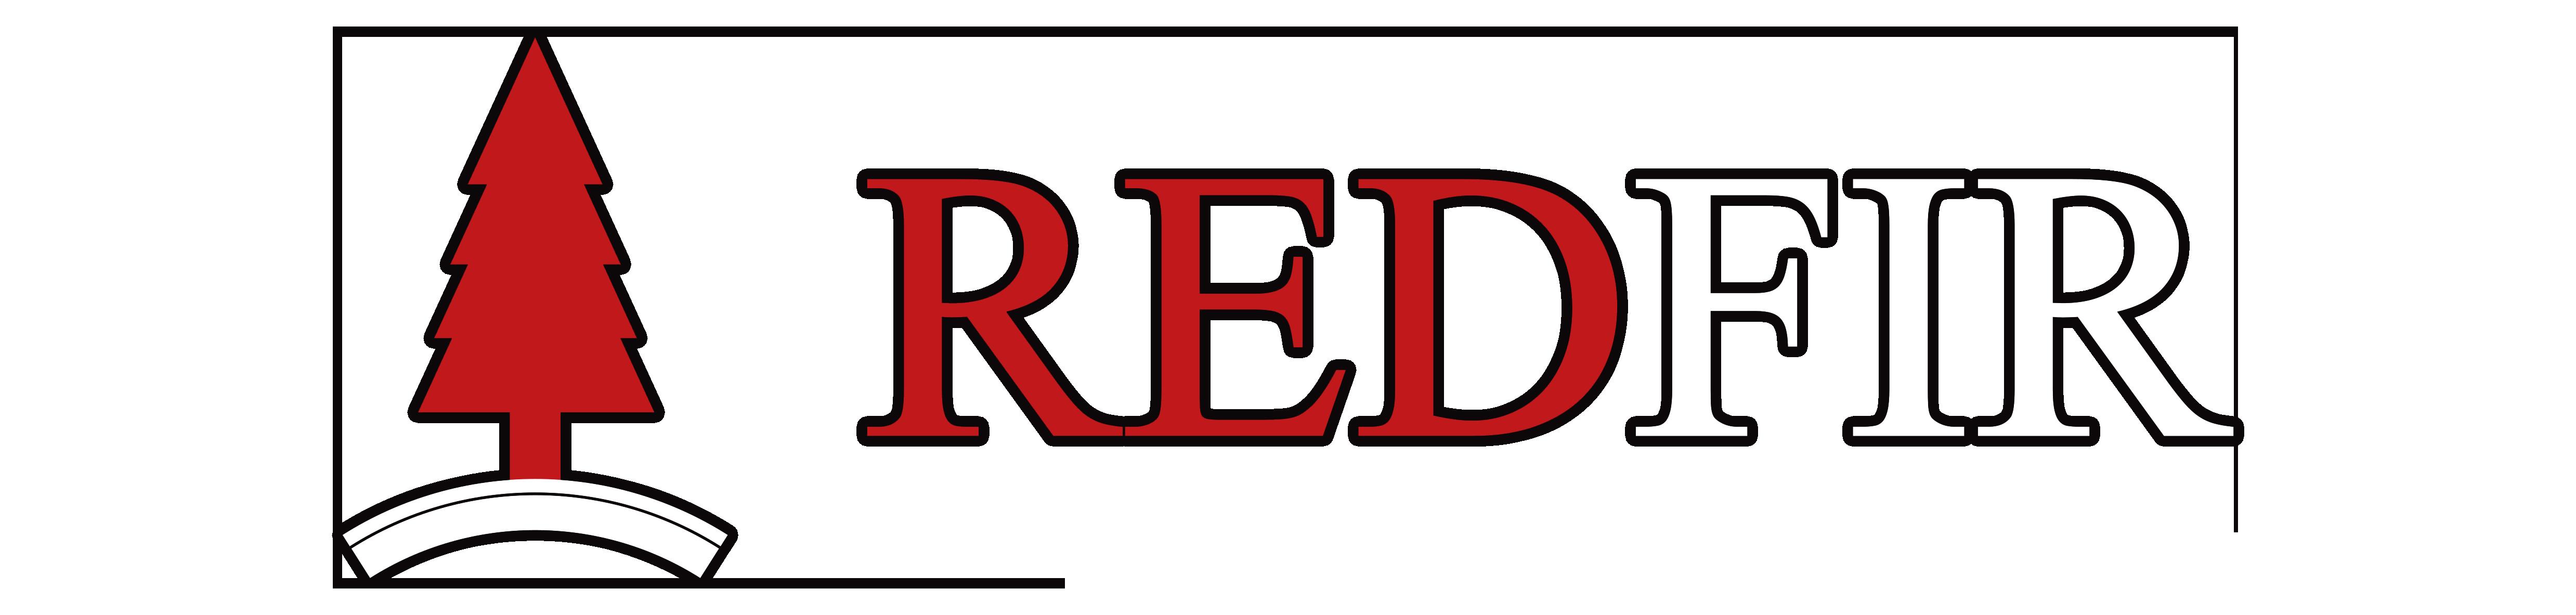 REDFIR